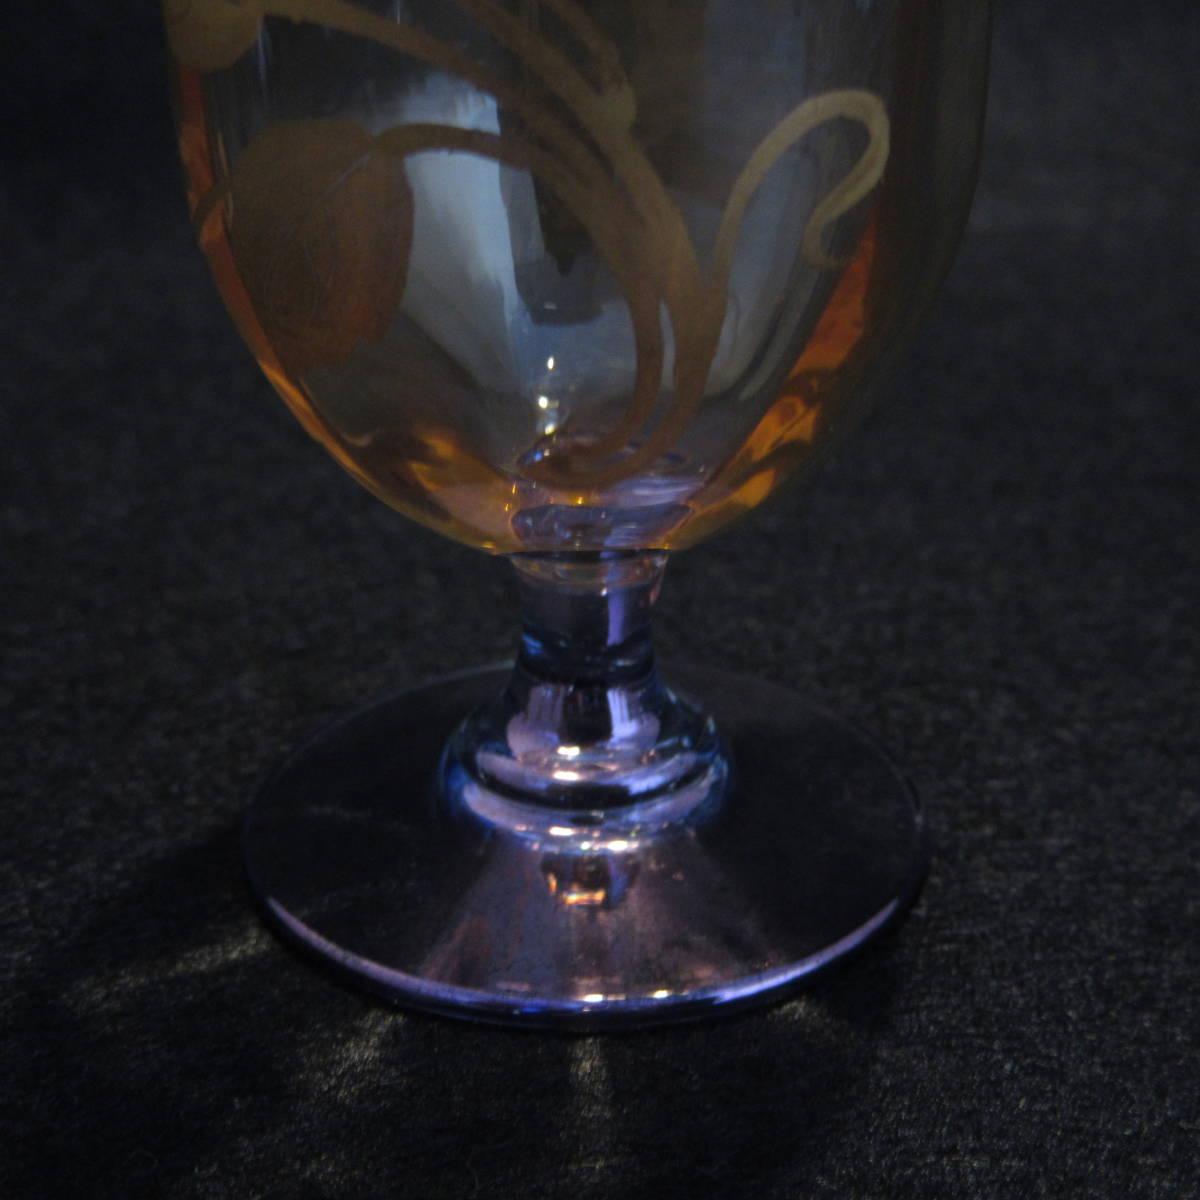 アンティークバカラ1890年頃 ラスター彩 グラス等 12点セット_画像7